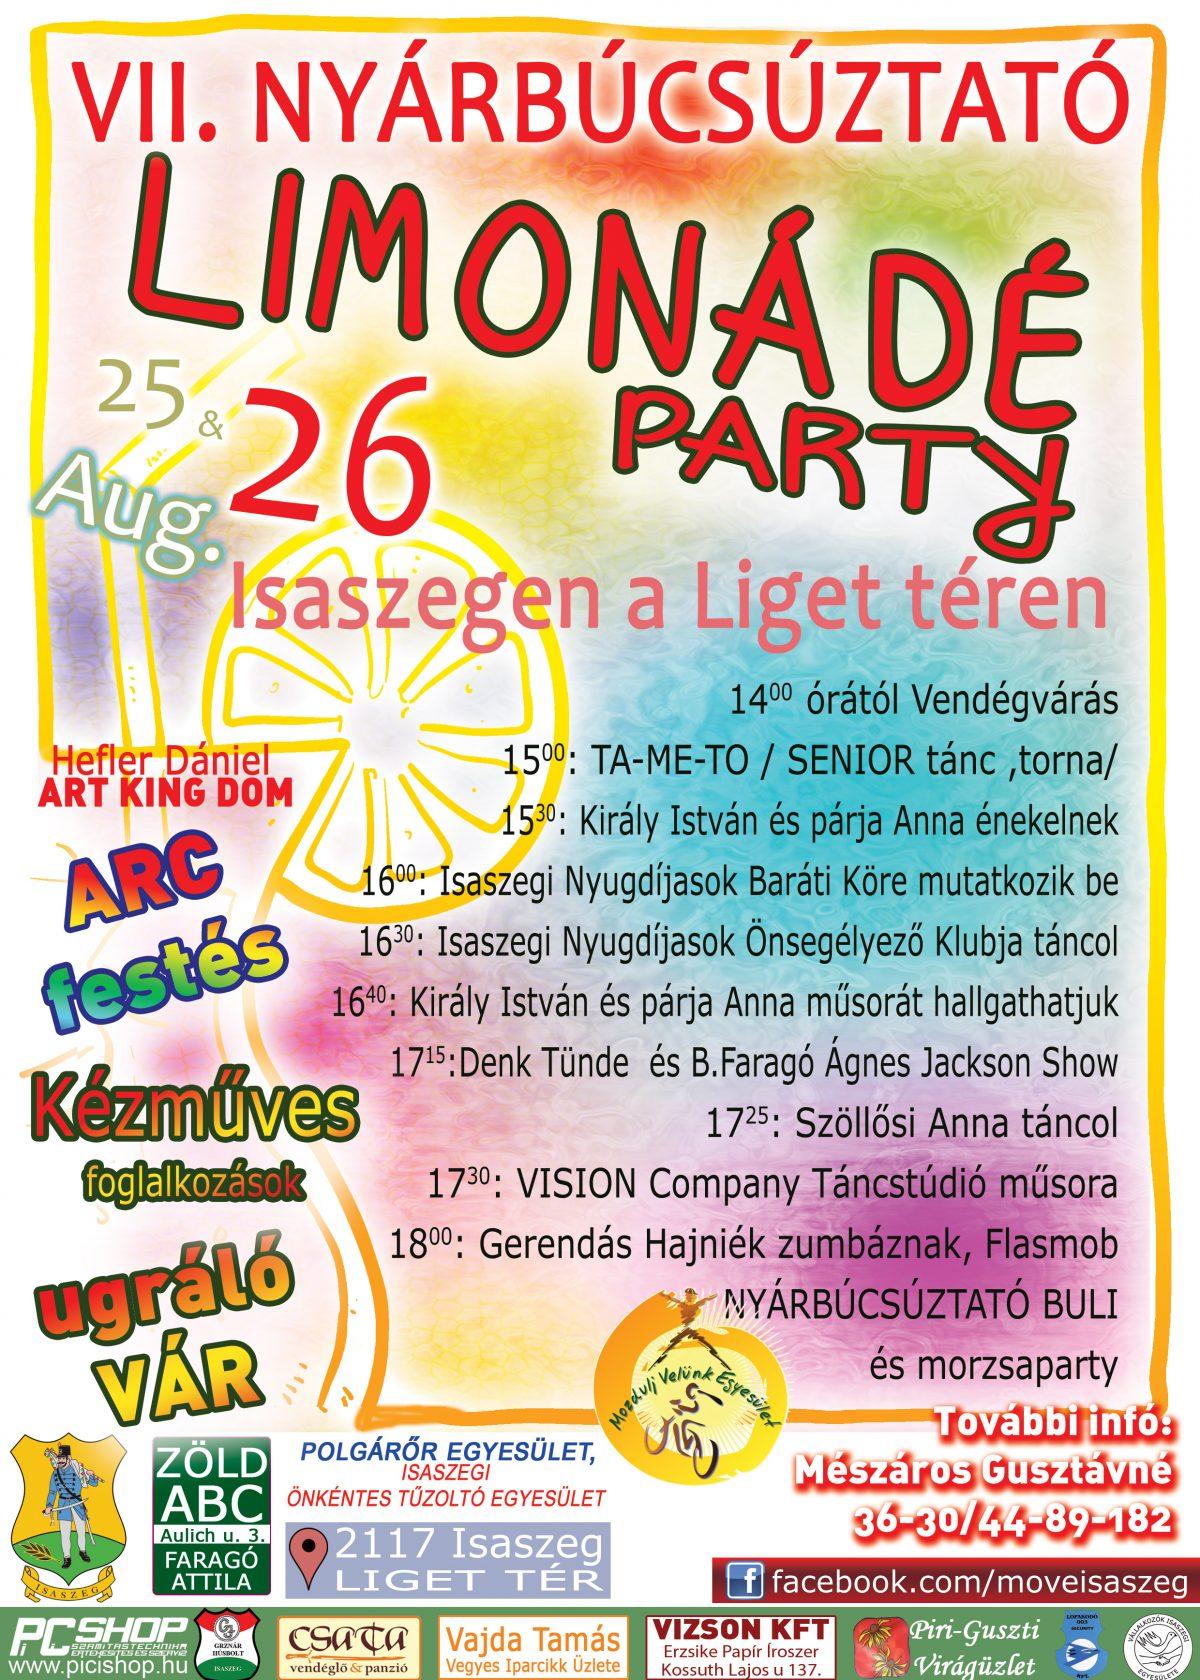 2017-08-25---Limonádé-party